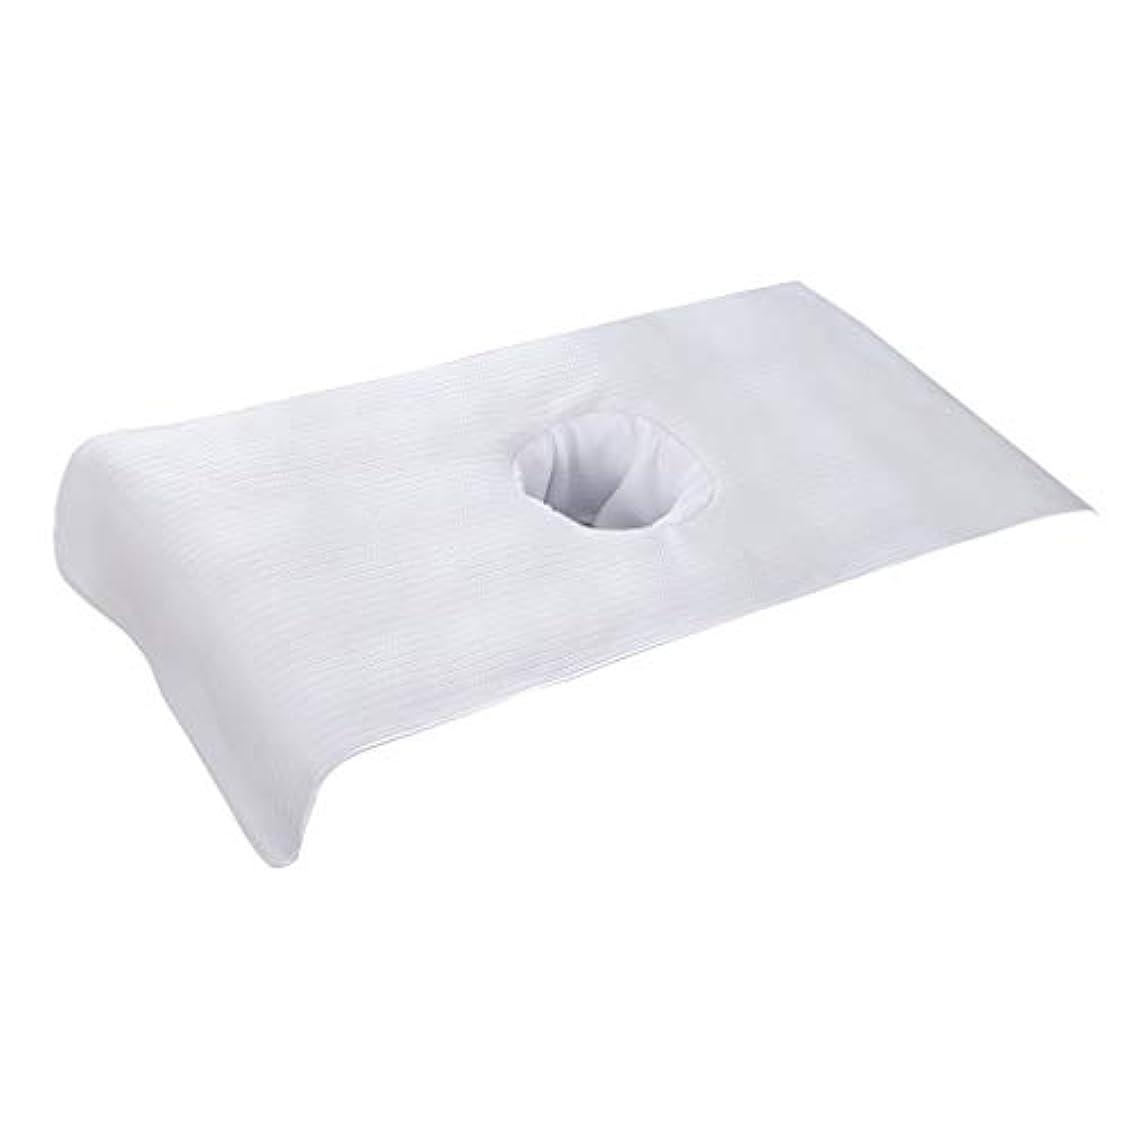 代理人リフレッシュから全5色 マッサージベッドカバー 穴付き 美容ベッドカバー マッサージテーブルスカート スパ ショートカバー - 白